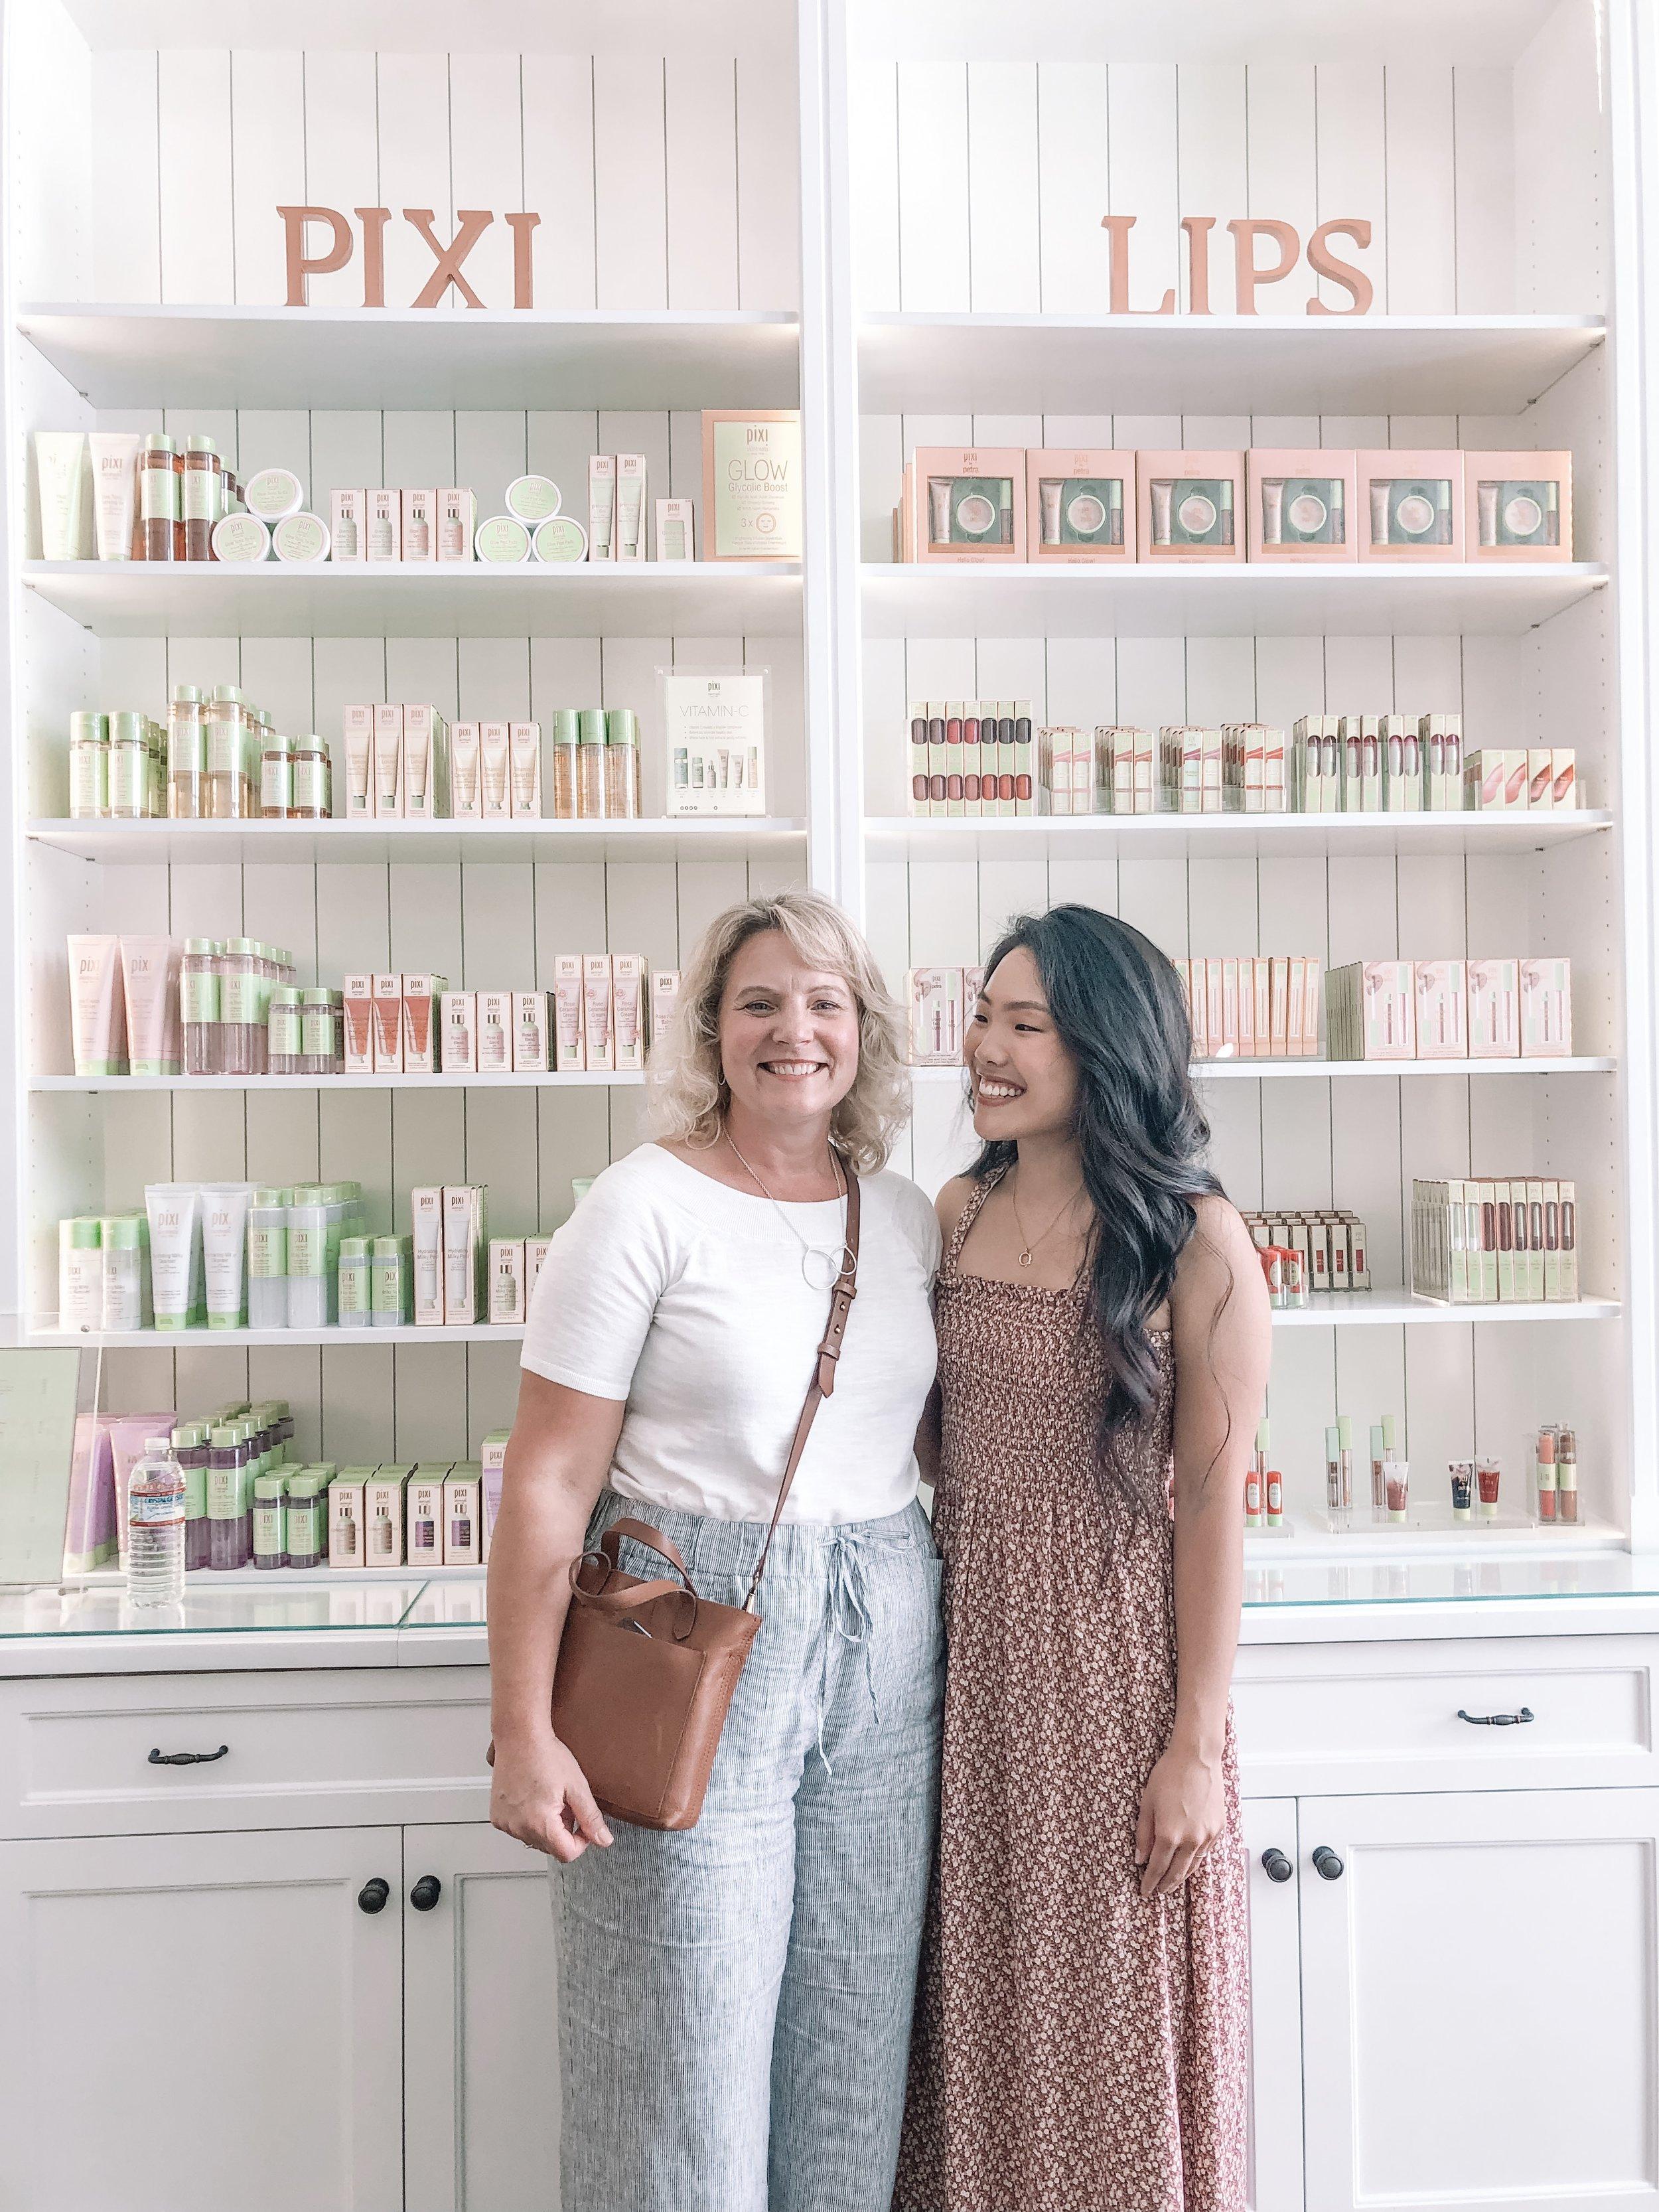 Adventuring with Pixi Beauty in LA! - June 2019